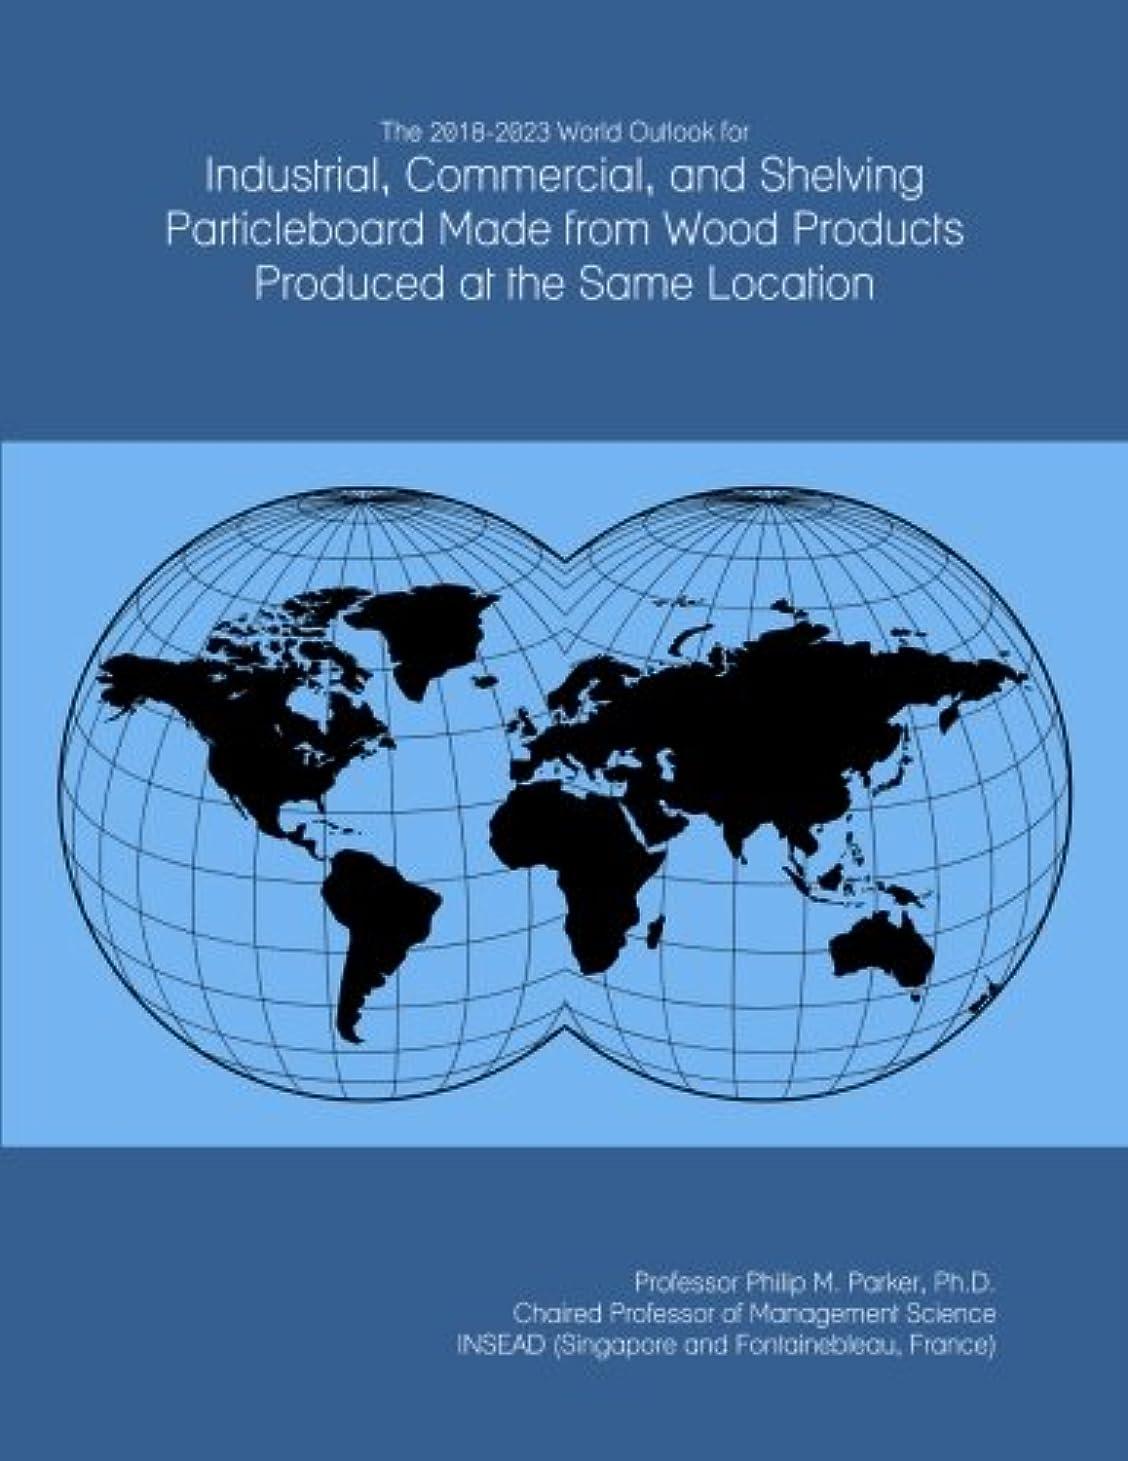 大工処分した自分のThe 2018-2023 World Outlook for Industrial, Commercial, and Shelving Particleboard Made from Wood Products Produced at the Same Location